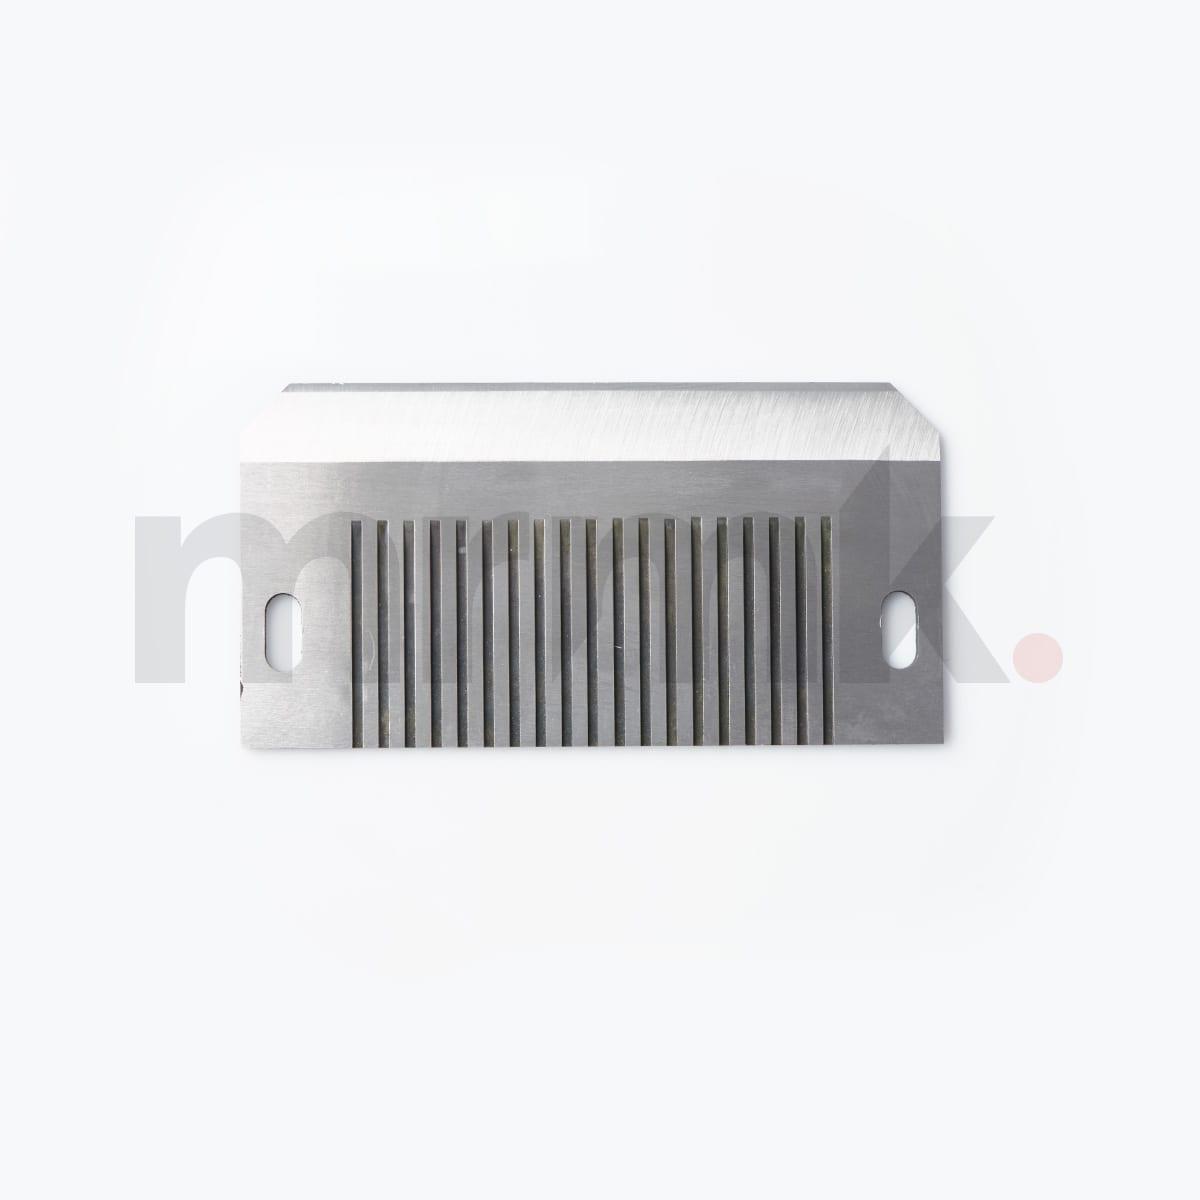 Kronen Plate Compatible